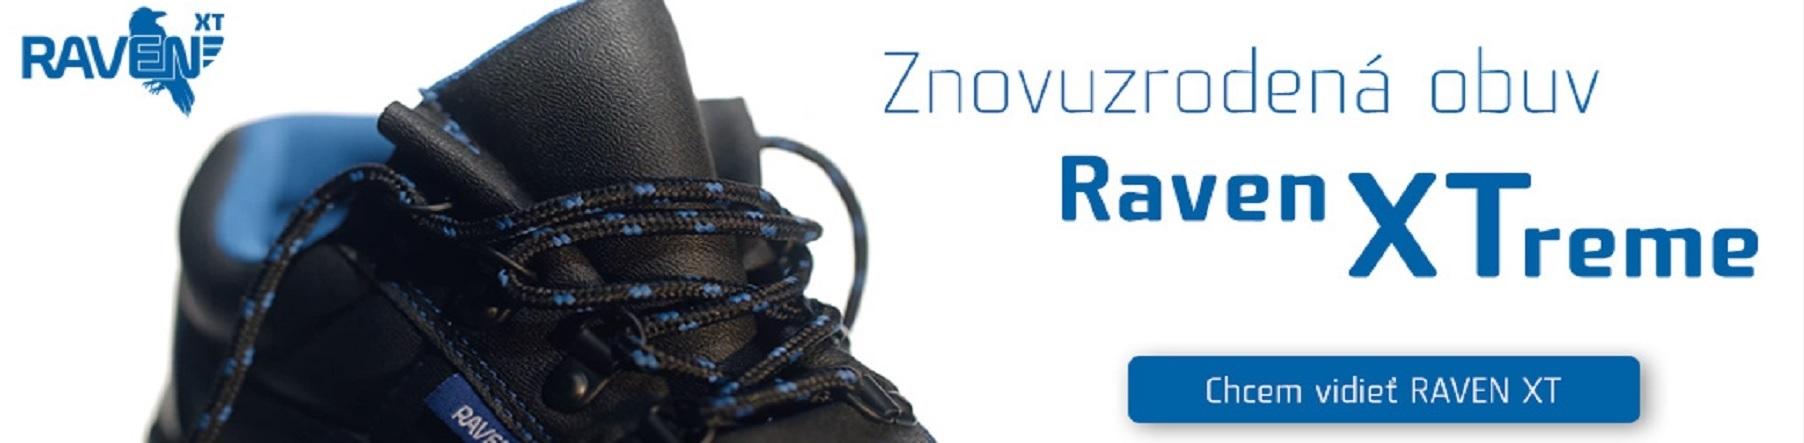 Pracovná a bezpečnostná obuv RAVEN